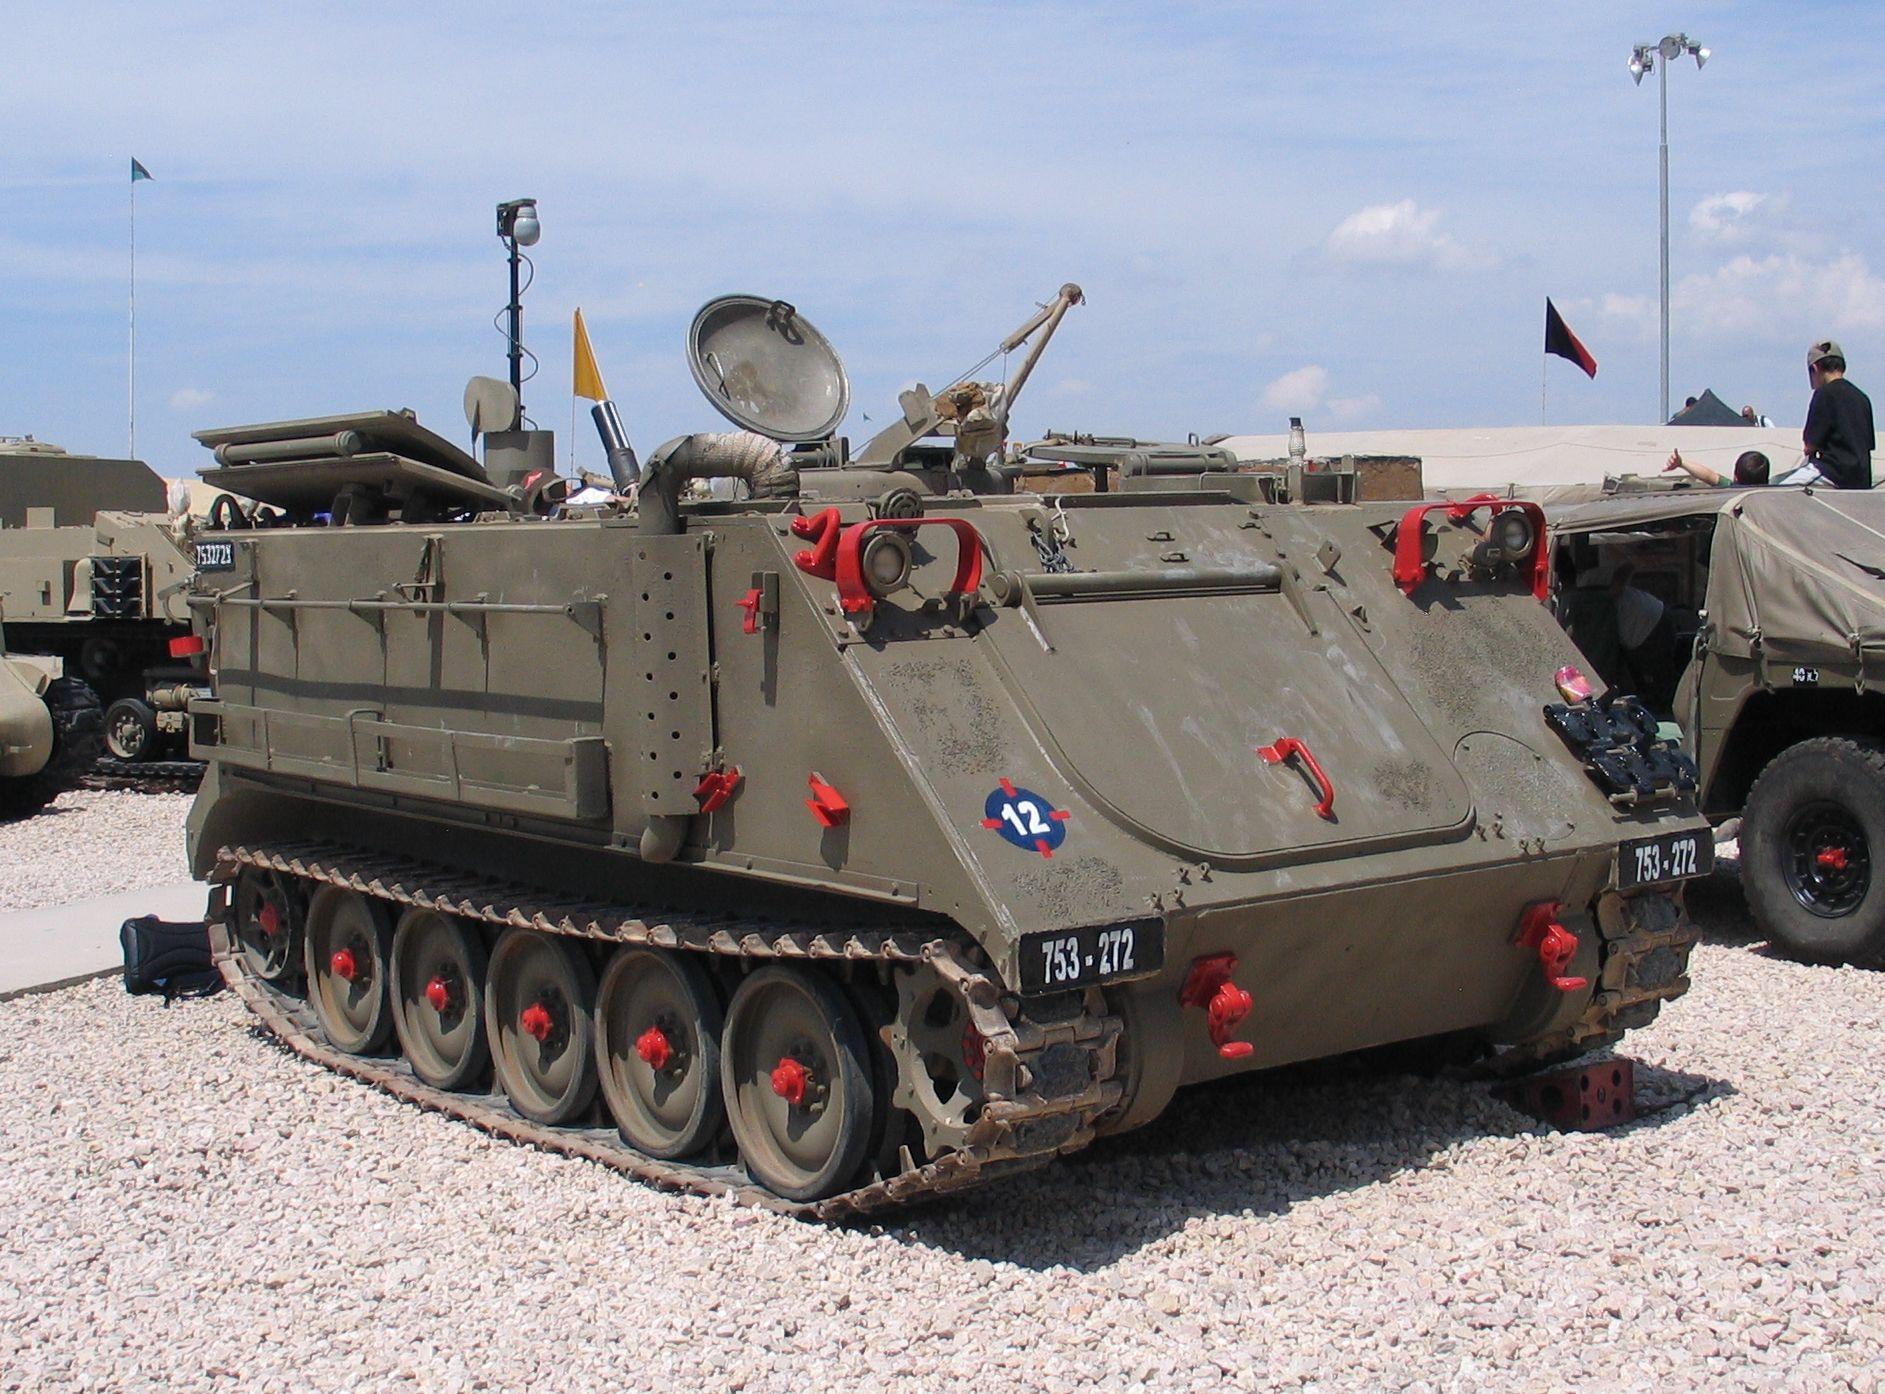 M113 Apc For Sale >> Apc M113 For Sale | Autos Post